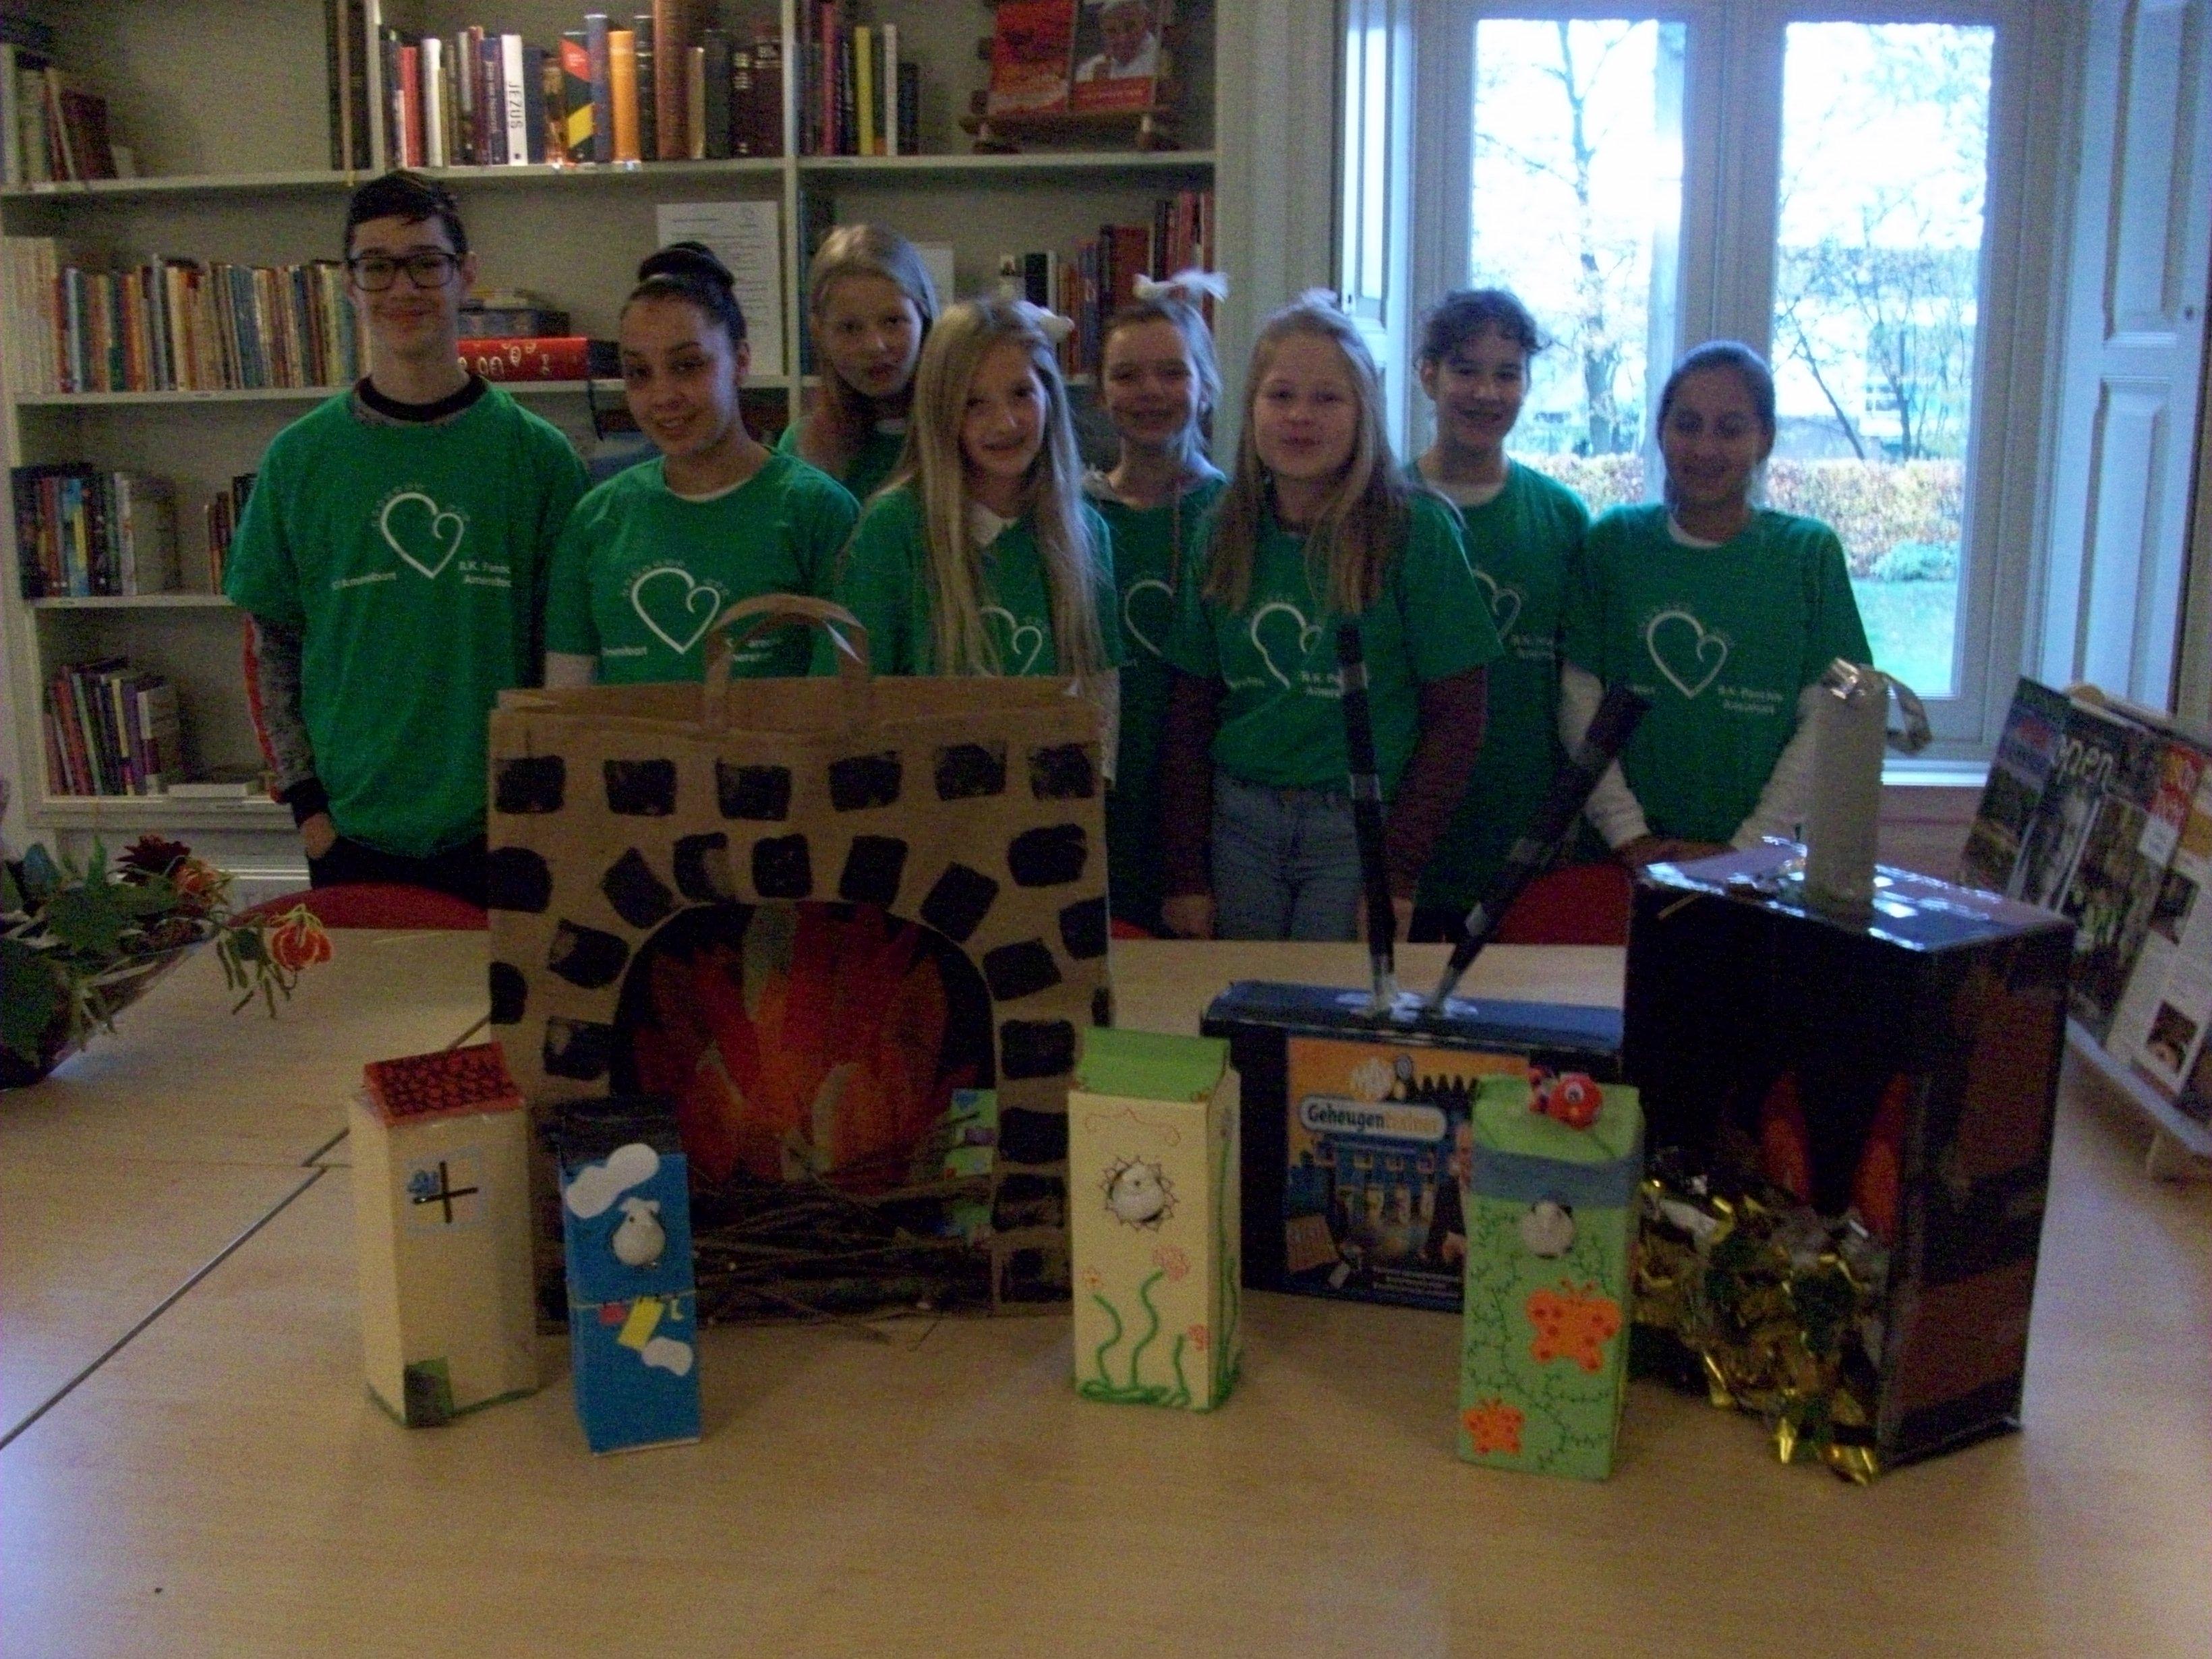 De jongeren van 2GetR 2016 hebben tijdens DiaconAction 2016 pepernoten gebakken en surprises gemaakt voor parochianen in Hoogland